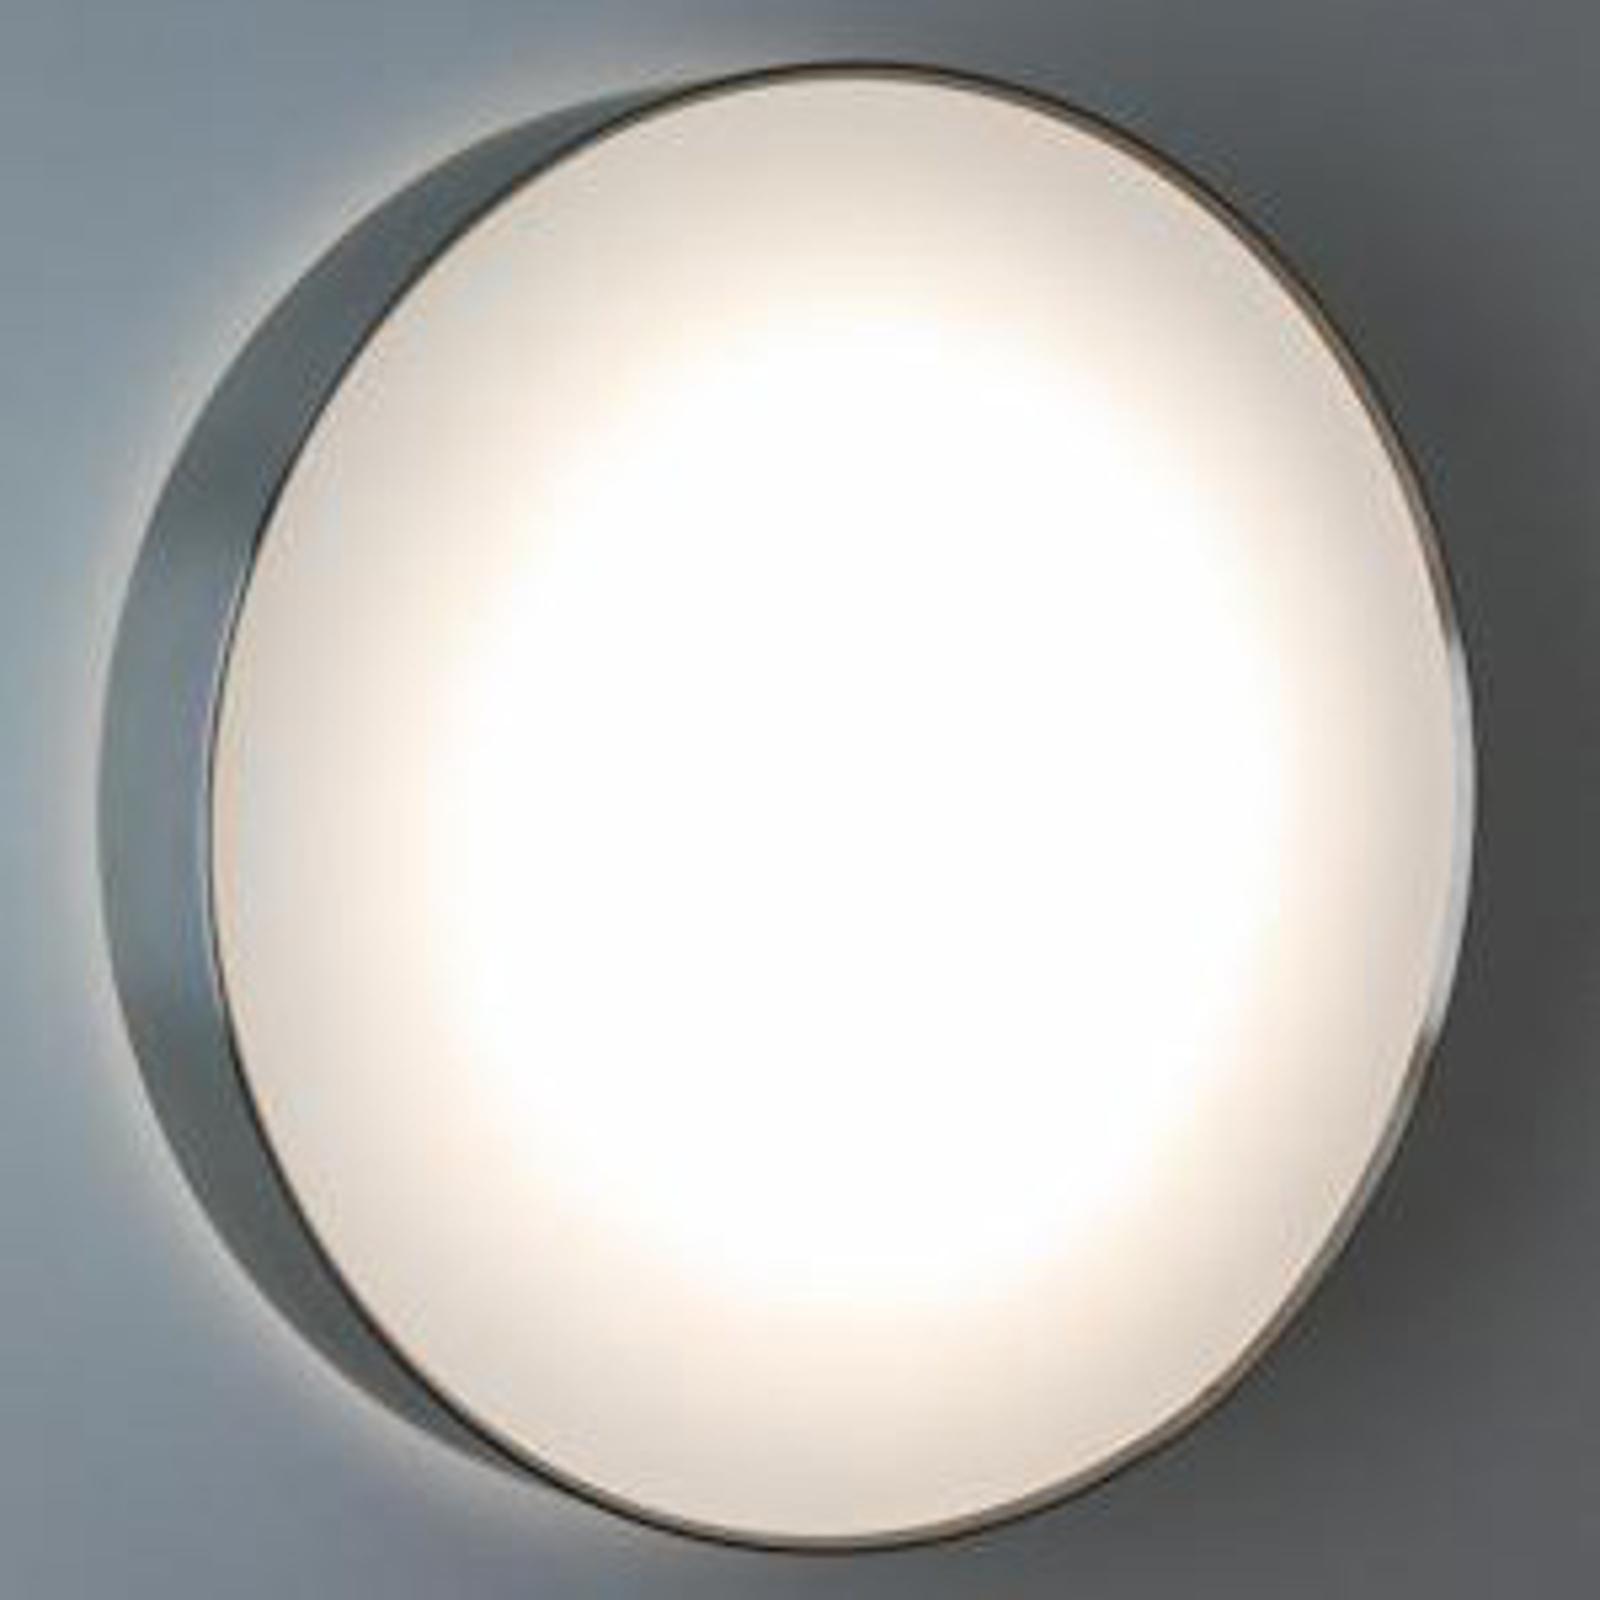 Čidlo LED nerezové světlo SUN 4, 13 W